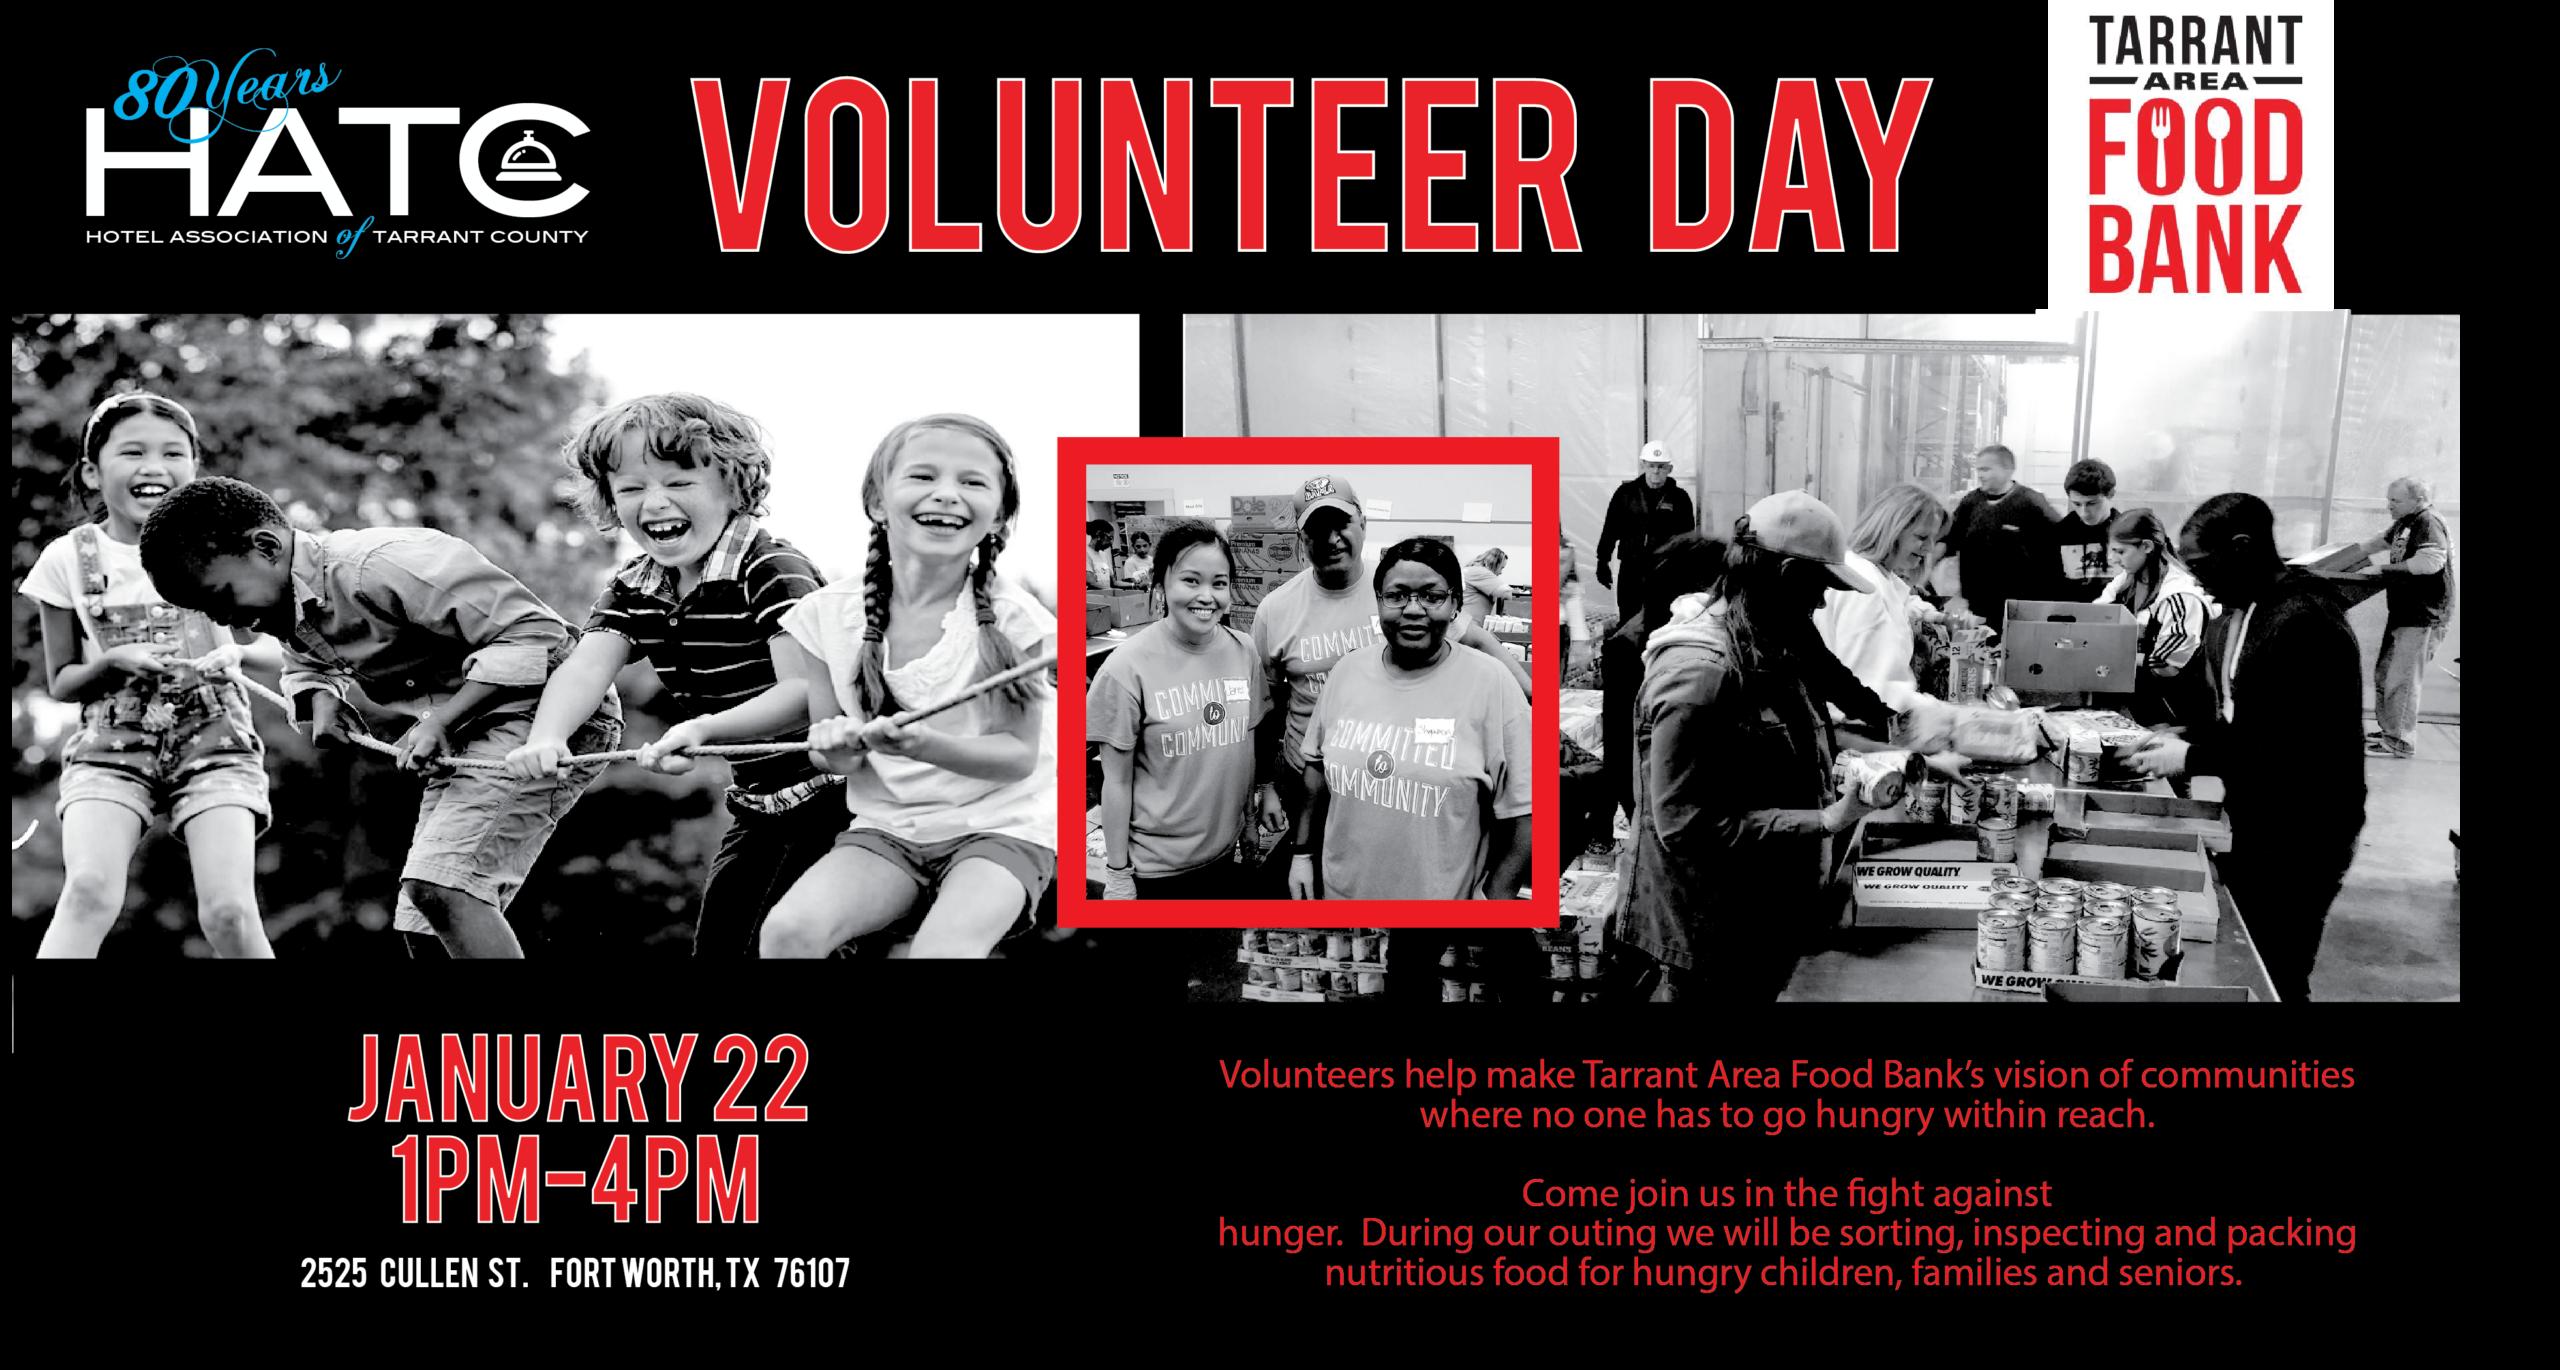 HATC Tarrant Area Food Bank Volunteer Day